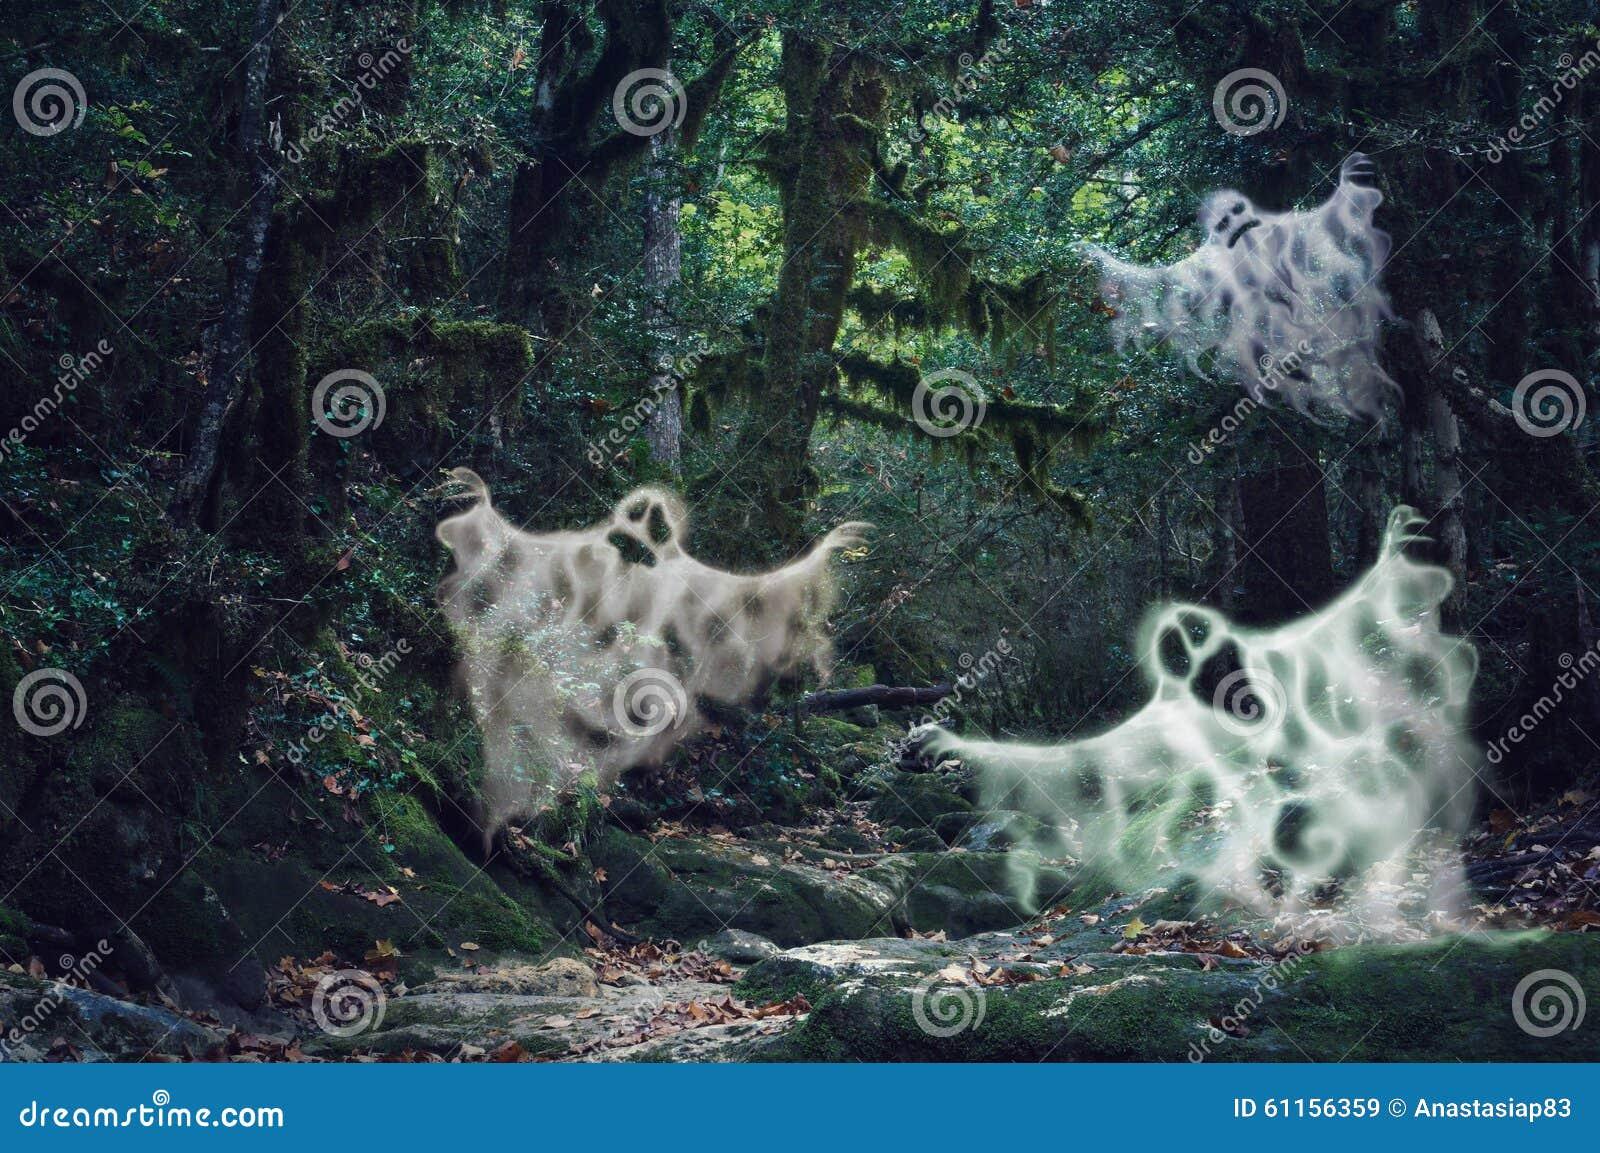 Magisches gedämpftes Licht frequentierte Wald mit drei furchtsamen Geistern